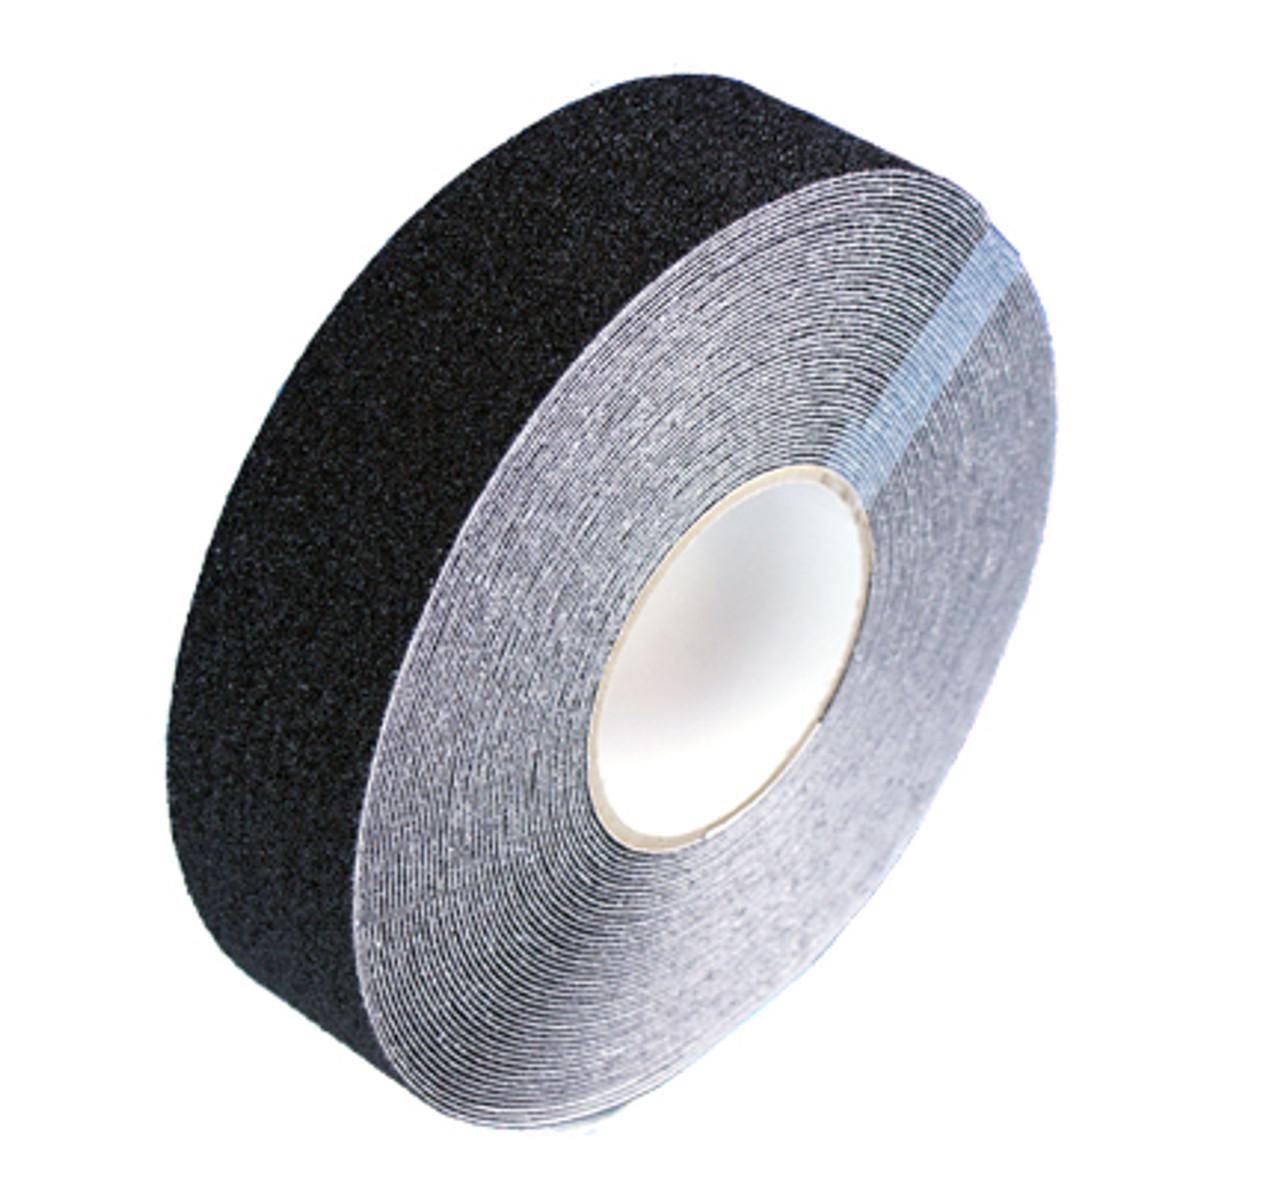 SS-200 --- Anti-Skid Tread Tape